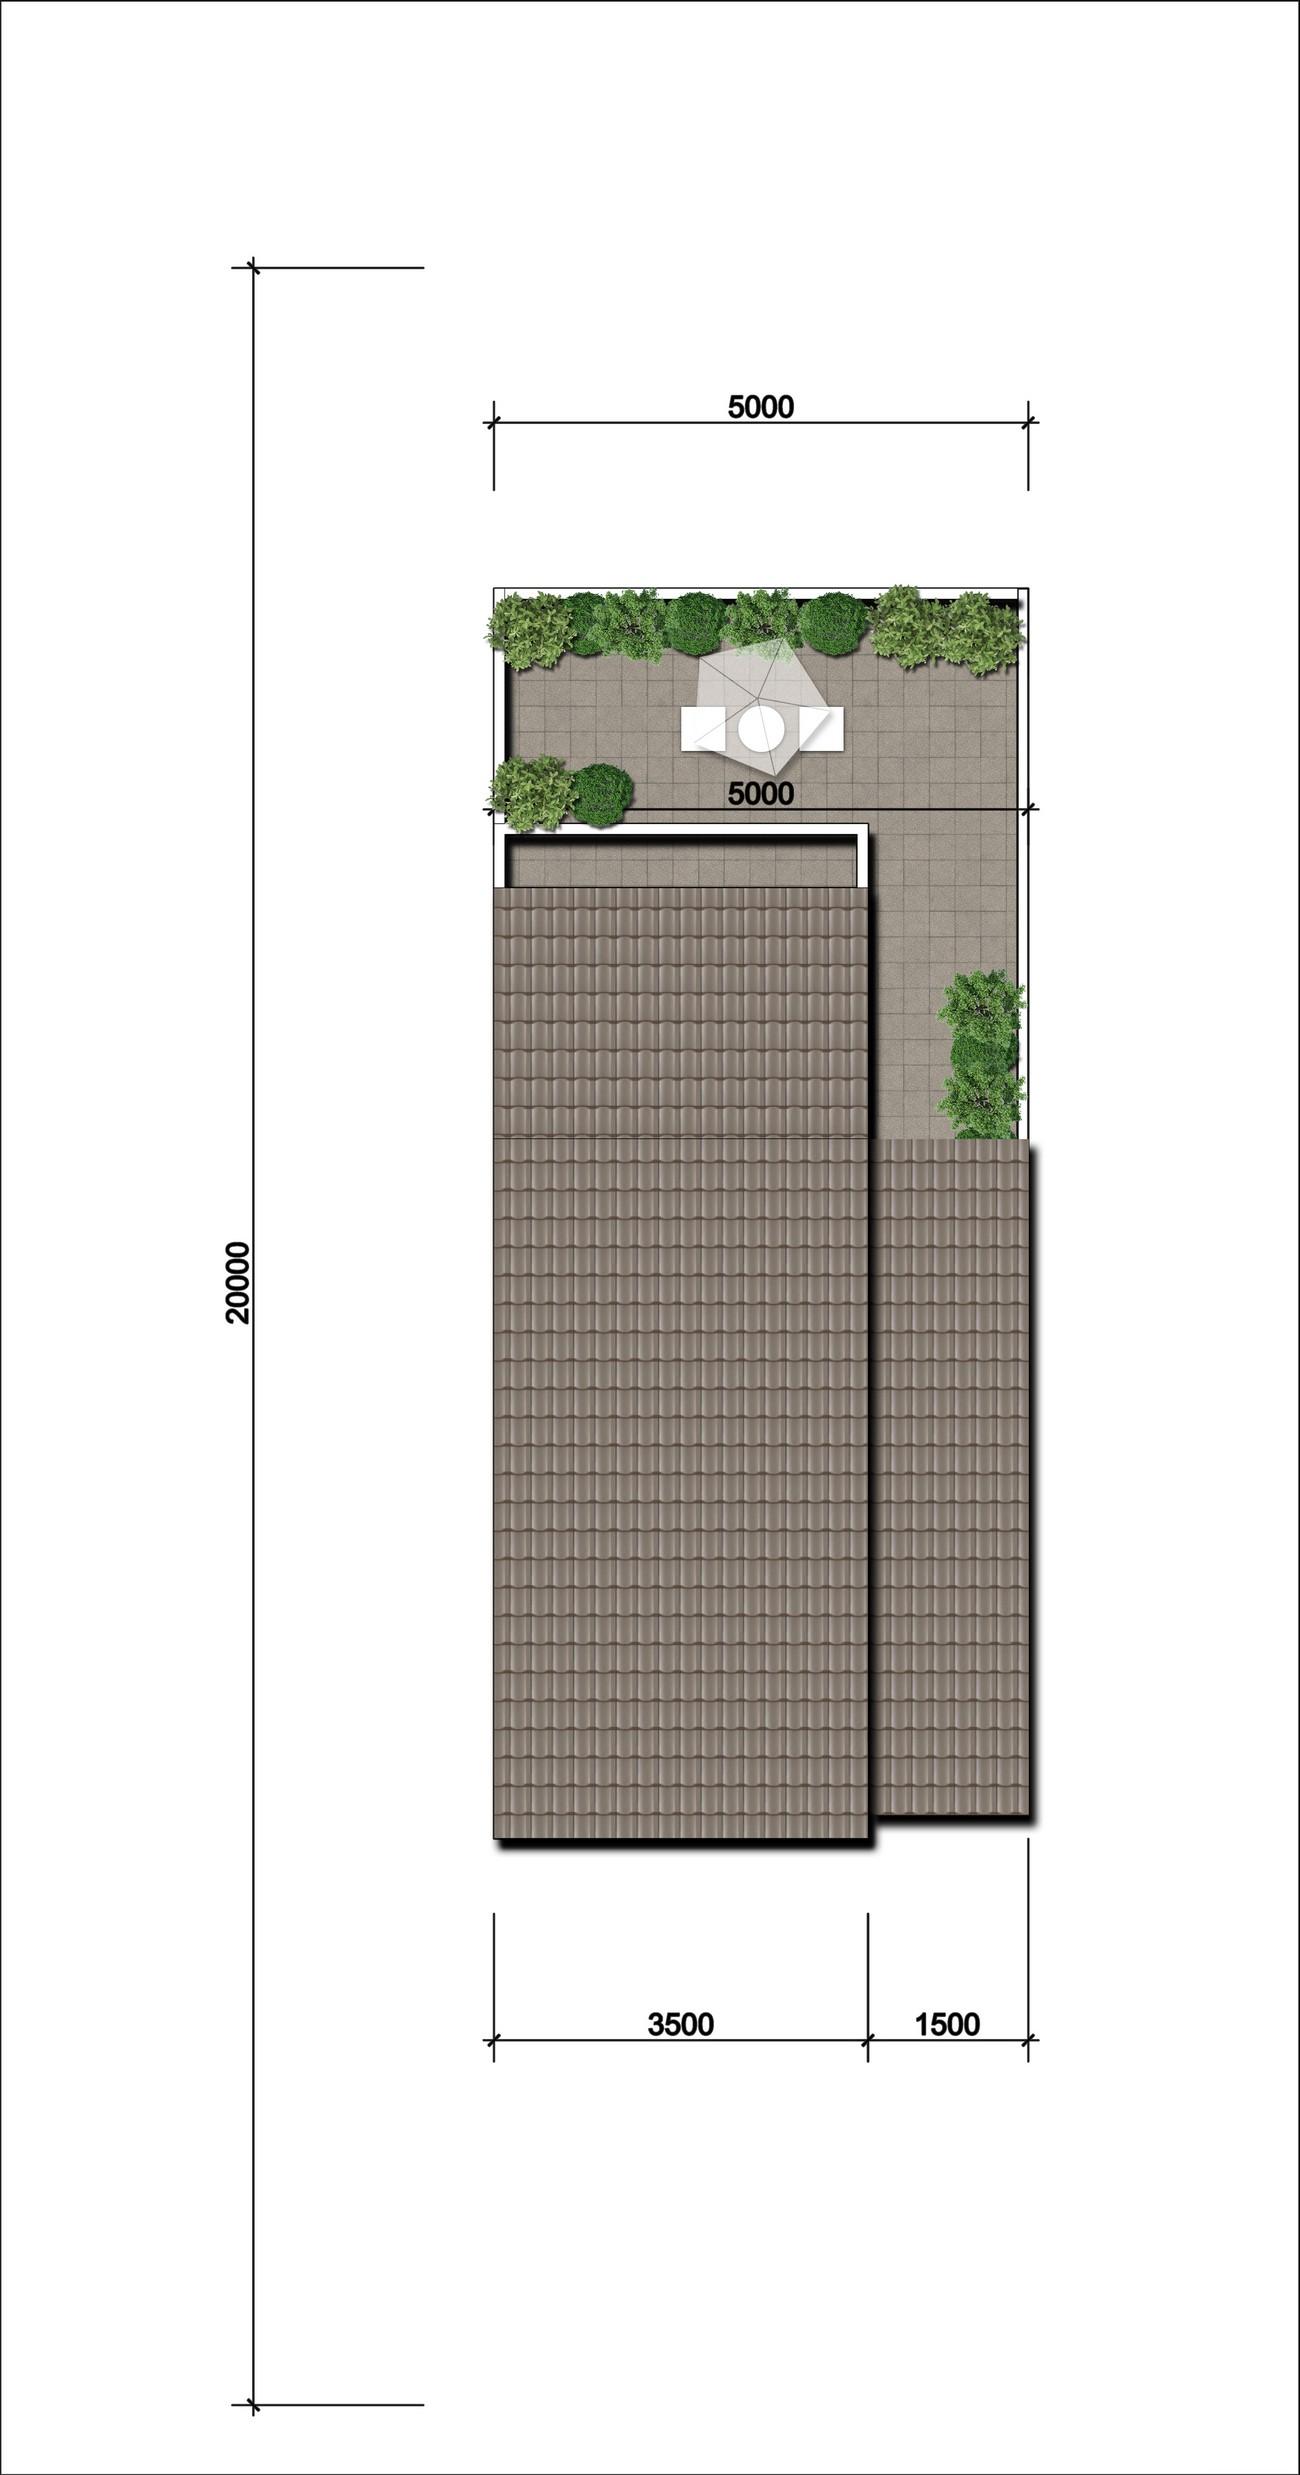 Thiết kế nhà liên kế 2 mái Gem Sky World Đất Xanh Đường Quốc Lộ 51 Long Thành